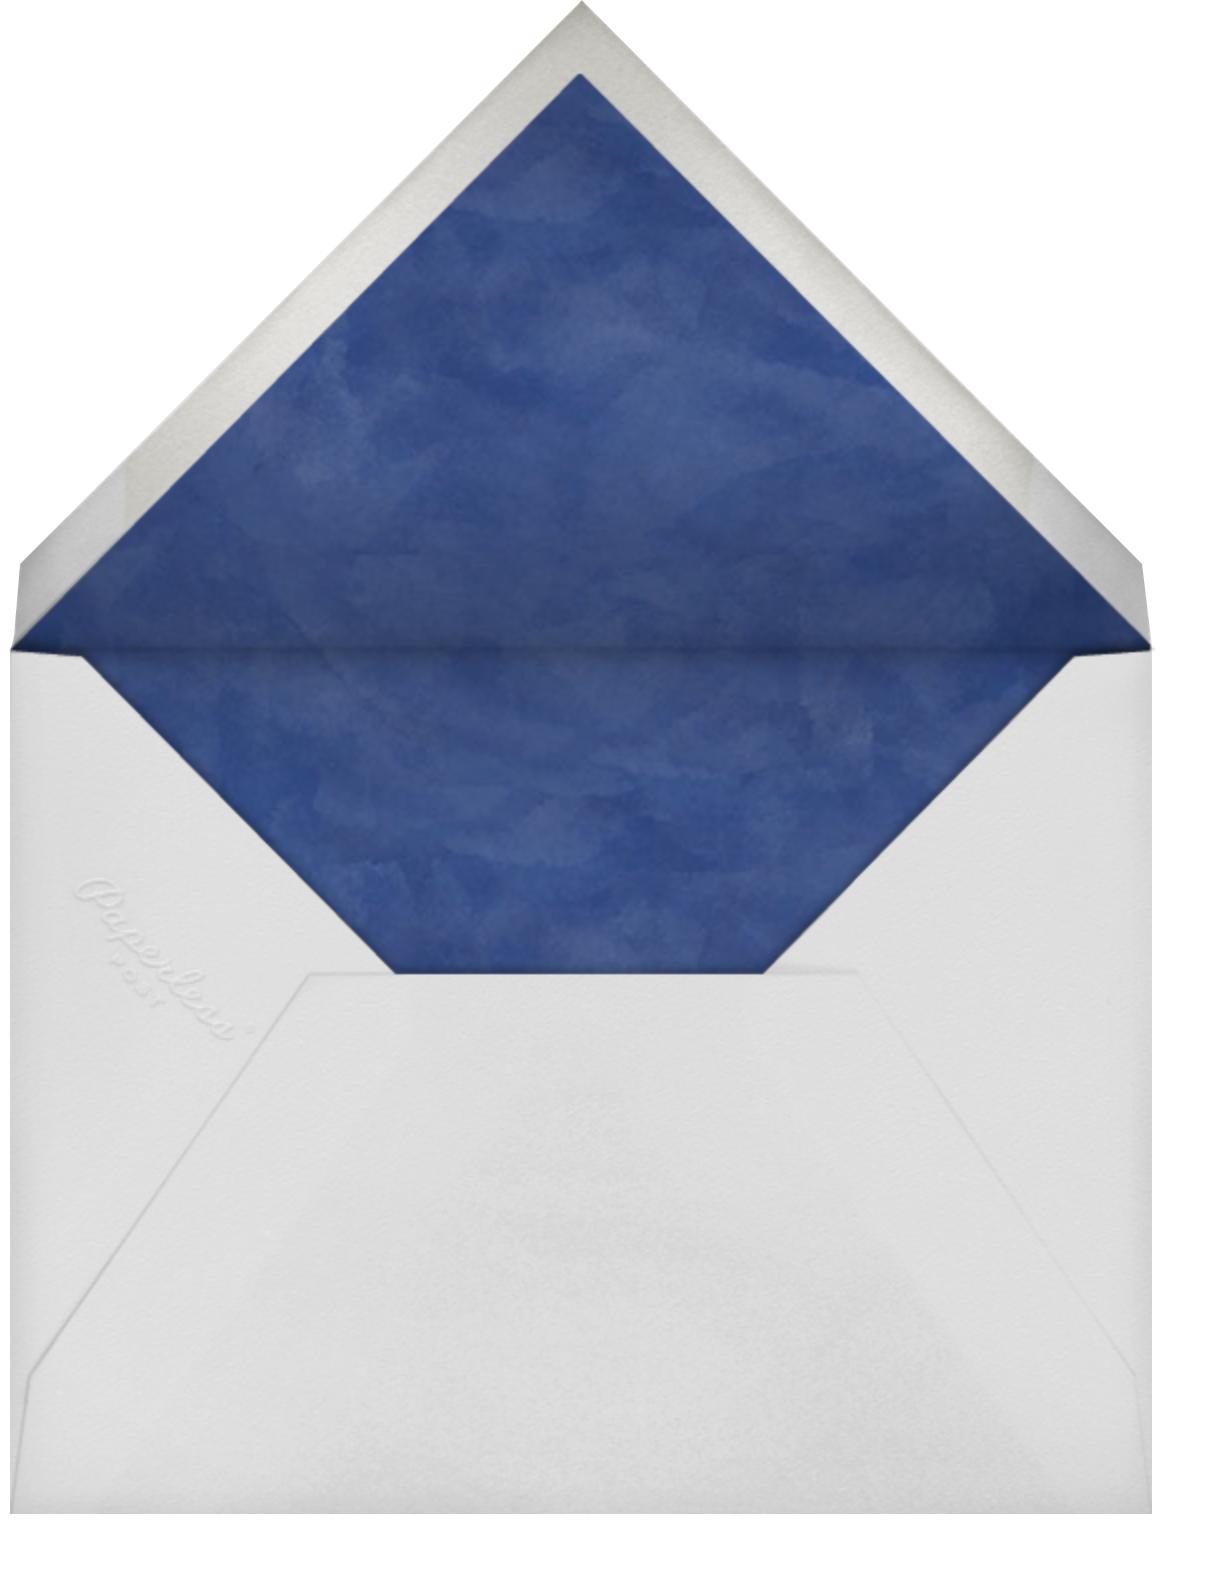 Floral Trellis II - Blue/Silver - Oscar de la Renta - Envelope